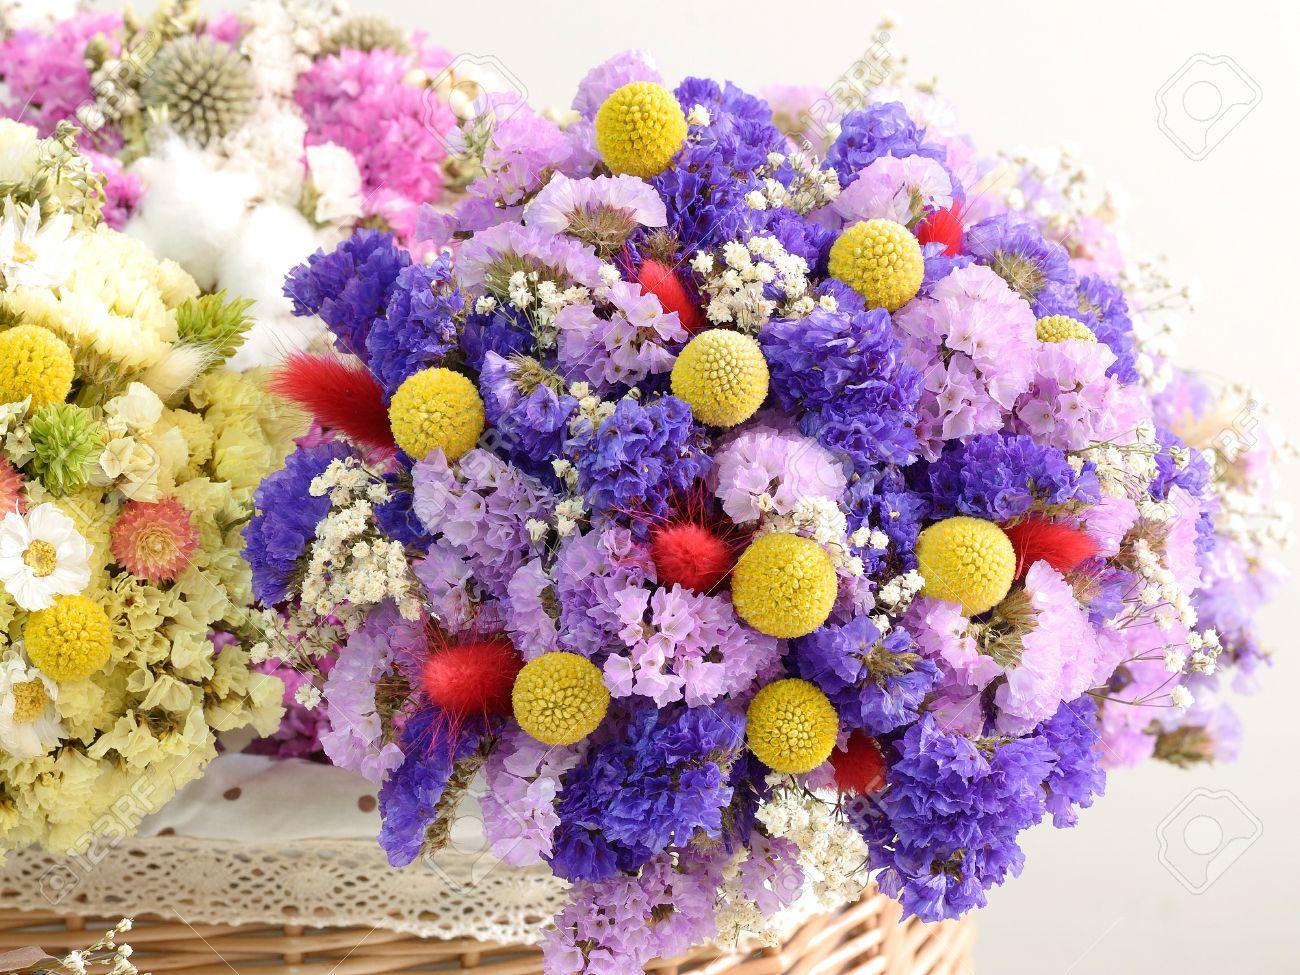 Fiori Di Ortensia Secchi più fiori secchi legati con mazzi di fiori, mettere nel carrello